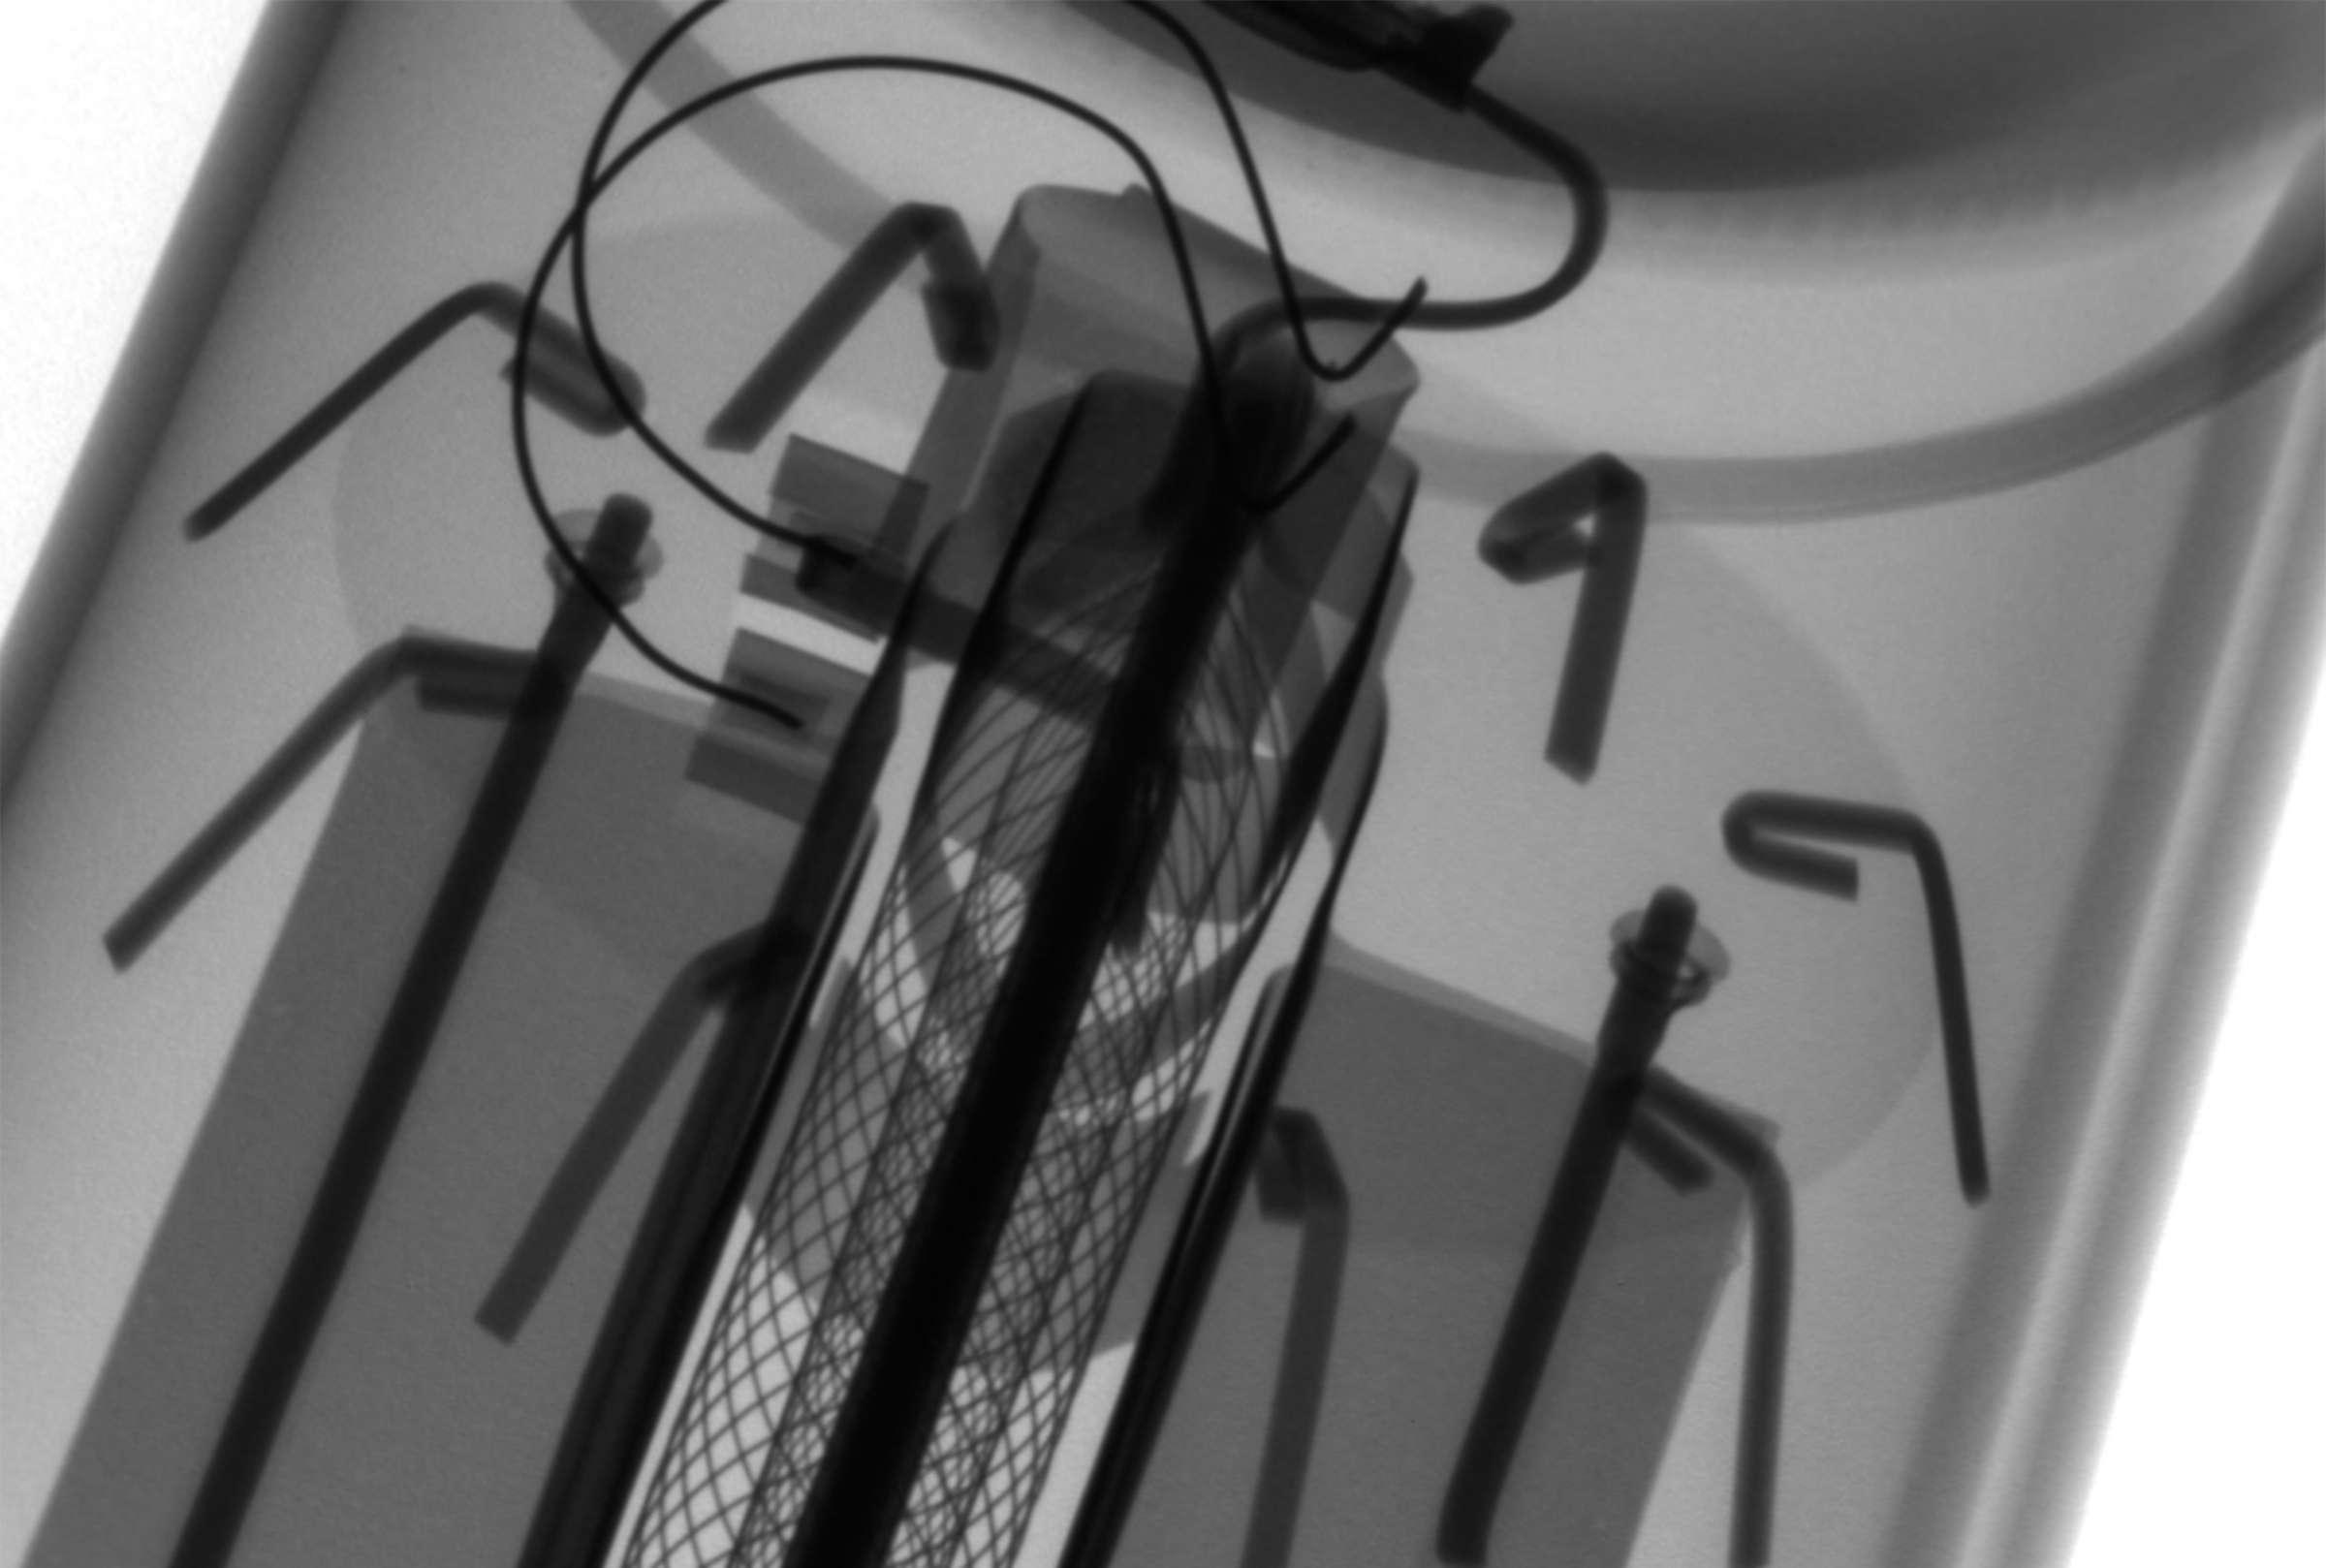 Рентгенография радиолампы ГУ-15